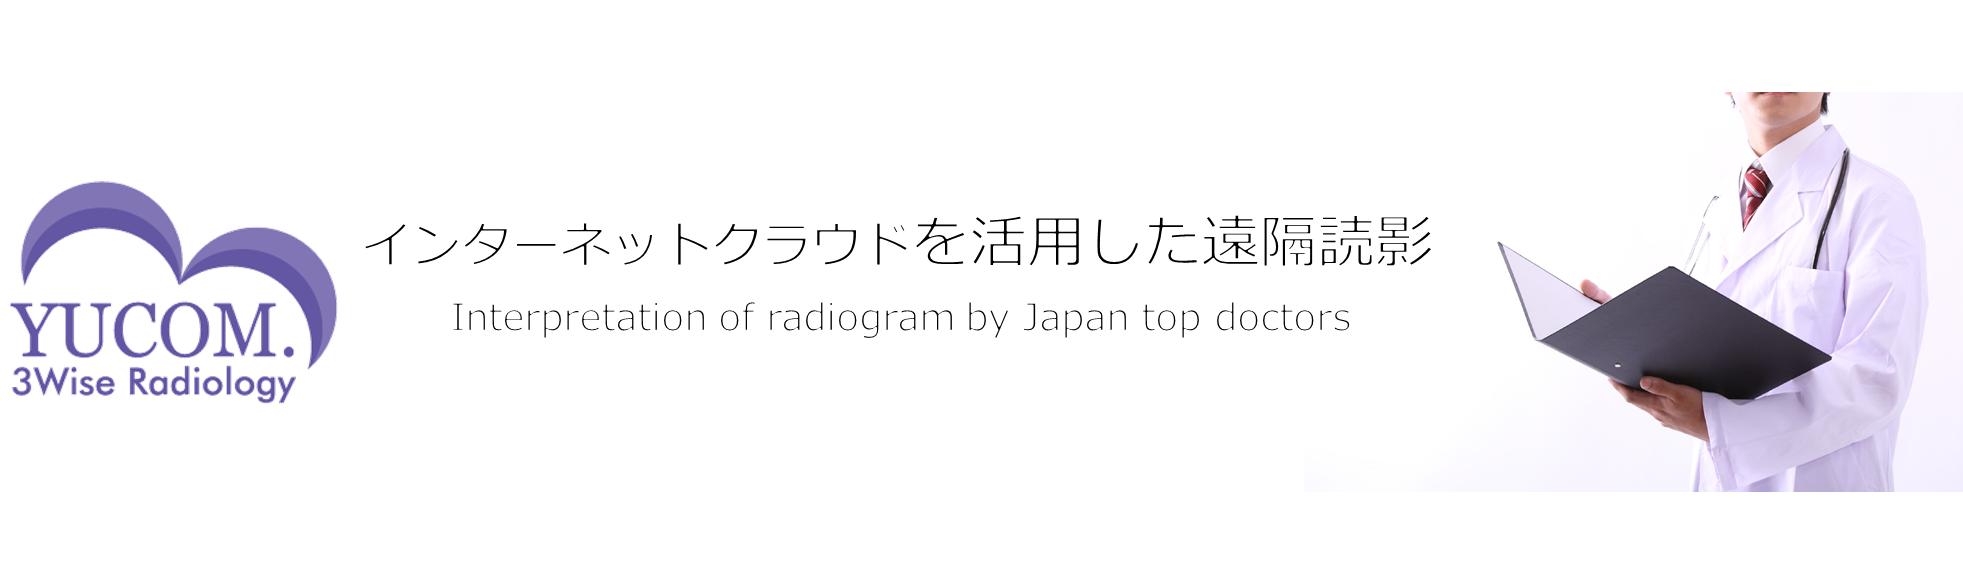 株式会社YUCOM.3Wise Radiology